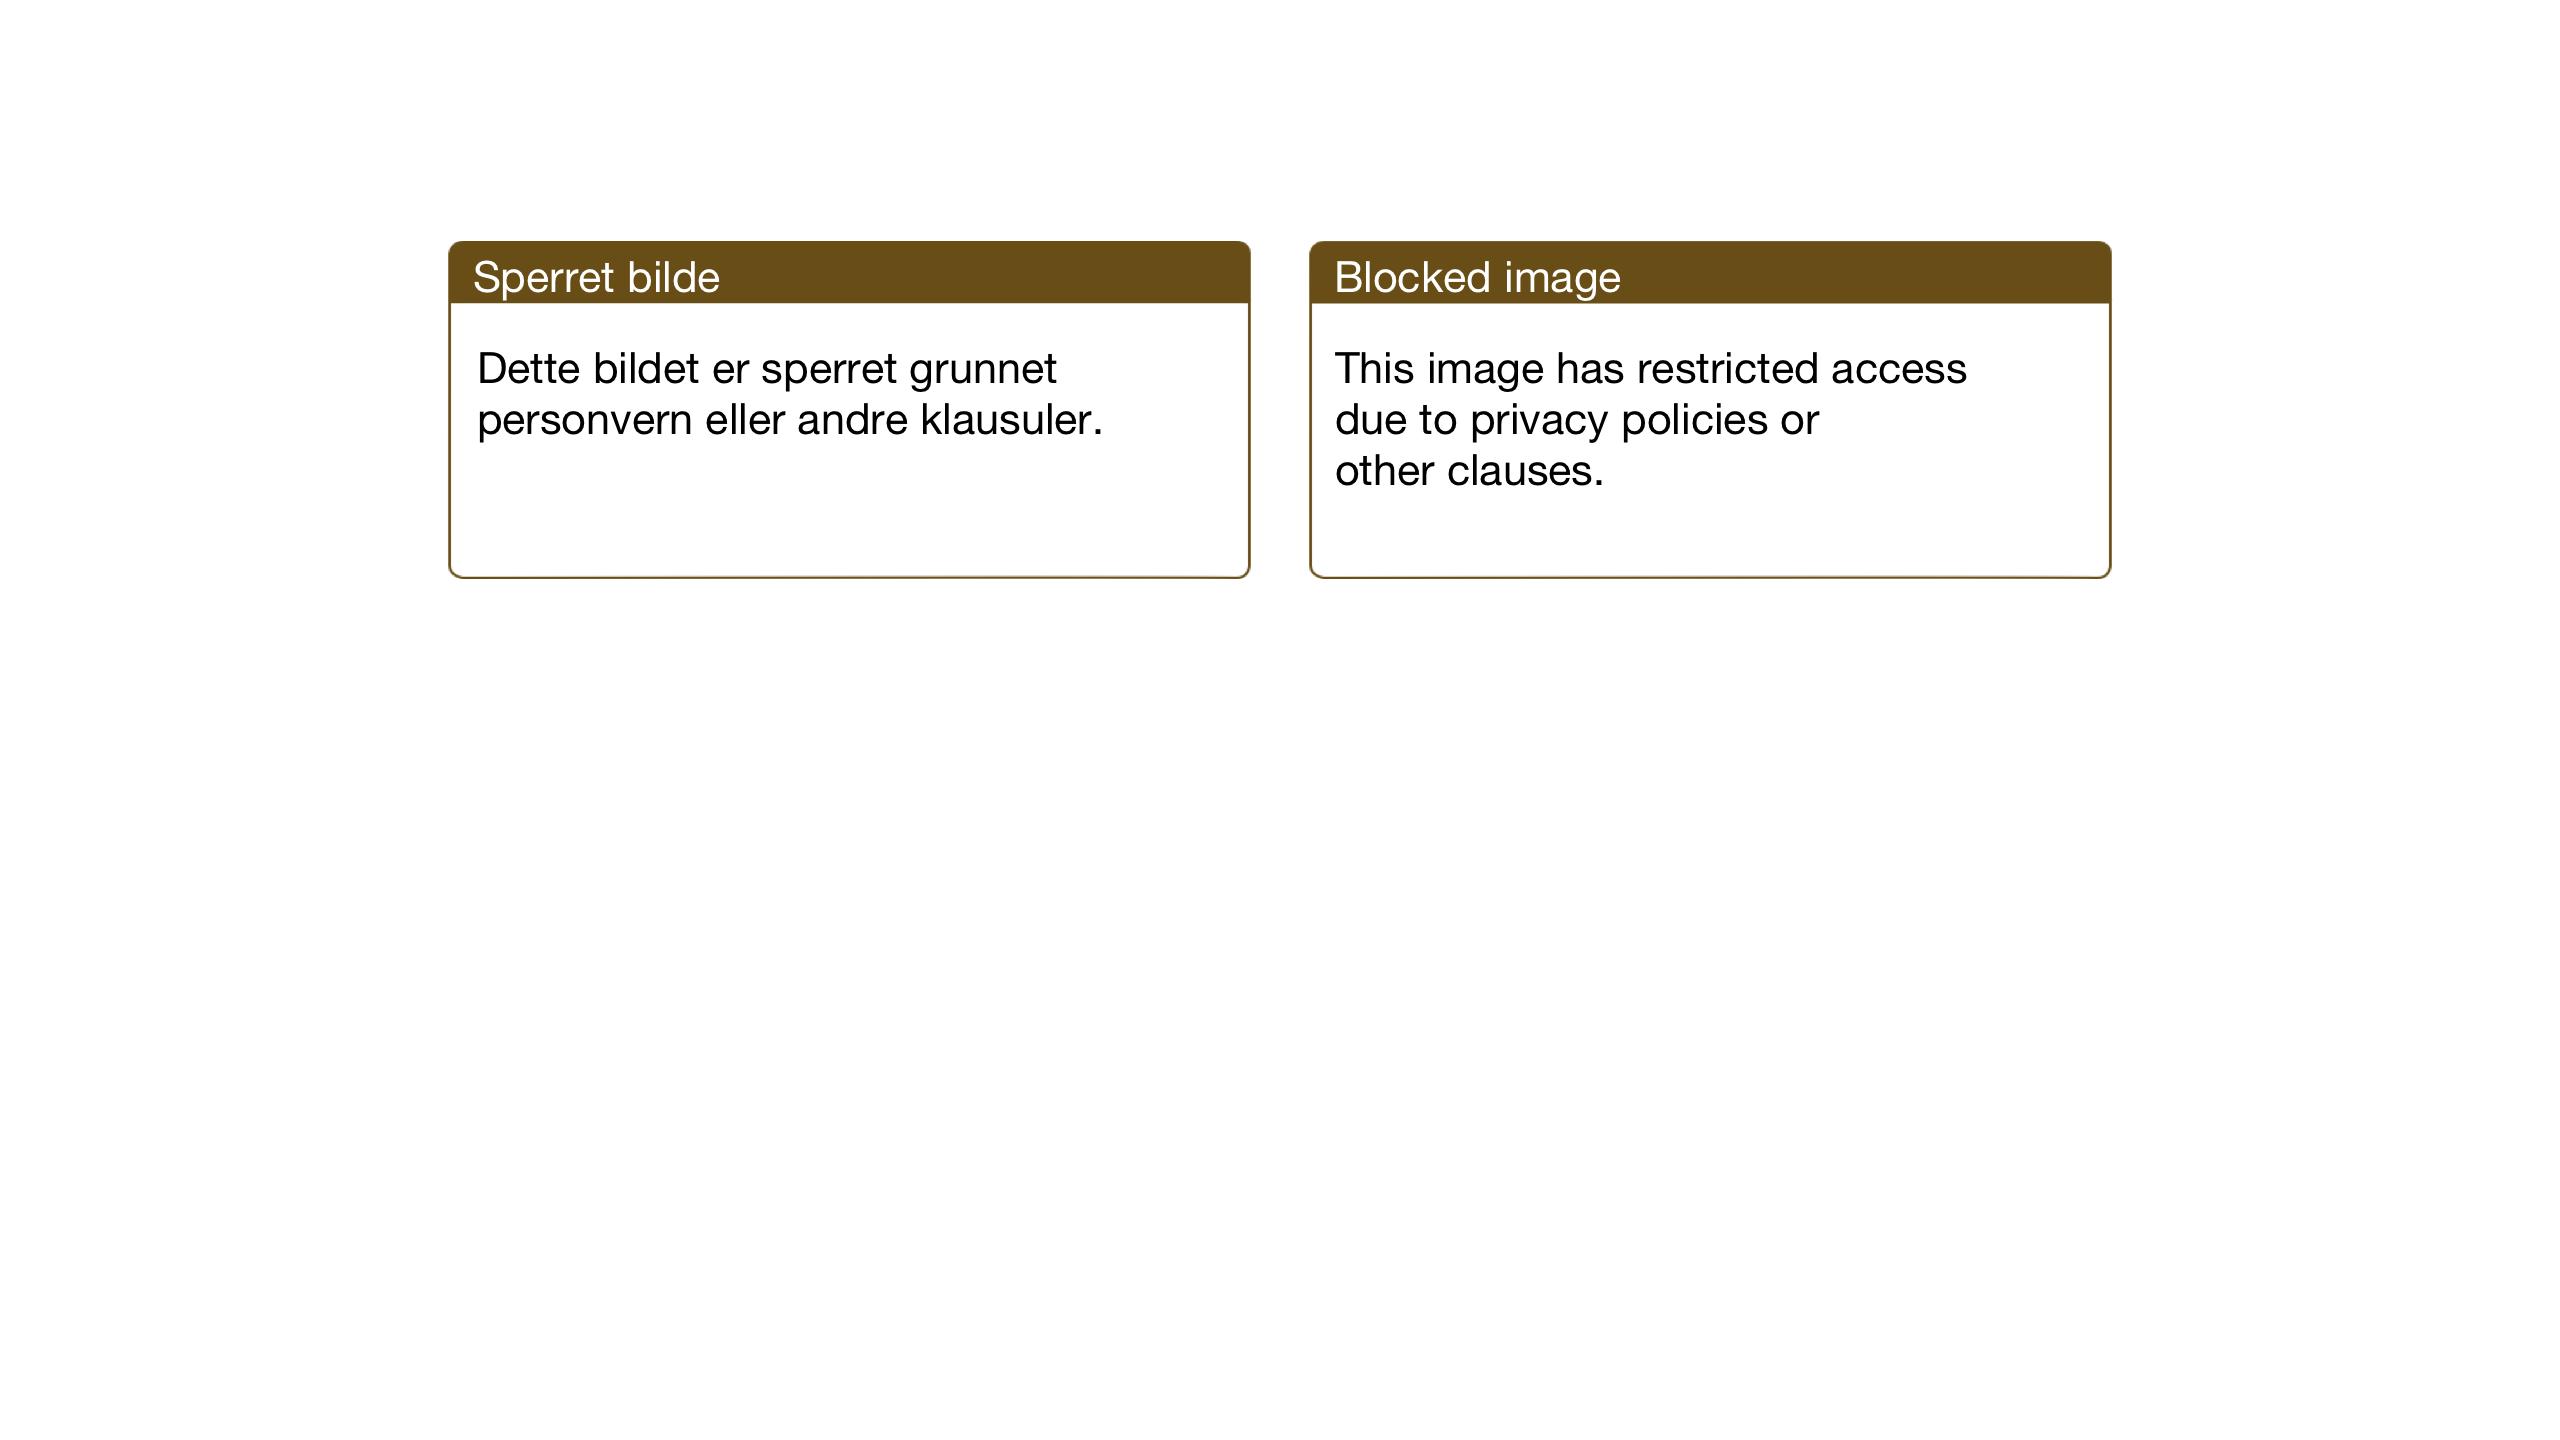 SAT, Ministerialprotokoller, klokkerbøker og fødselsregistre - Sør-Trøndelag, 611/L0358: Klokkerbok nr. 611C06, 1943-1946, s. 28